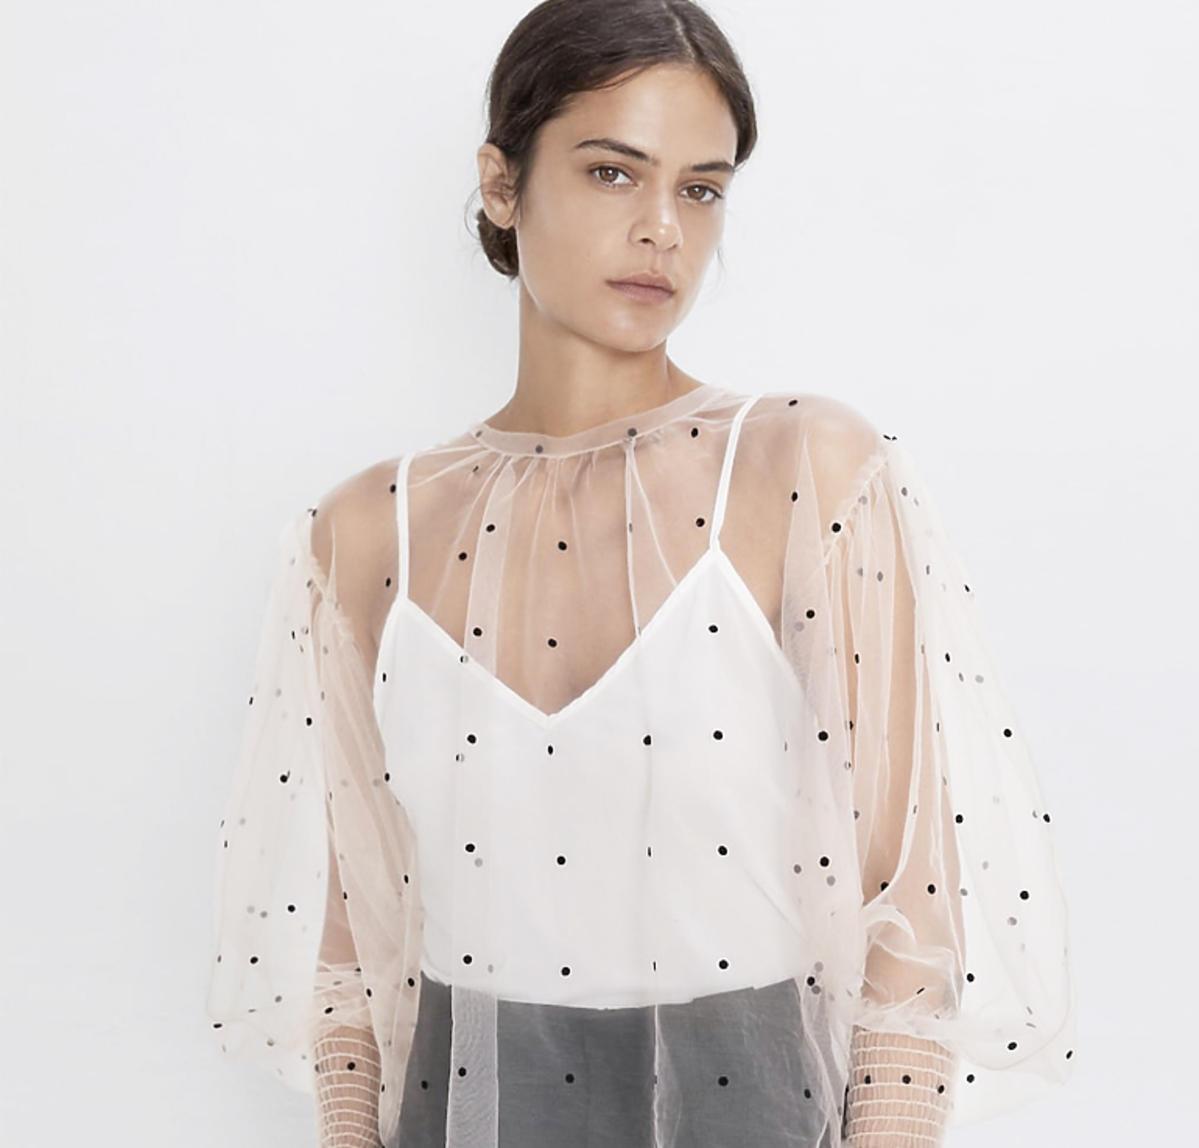 Bluzka Zara, 39,99 zł